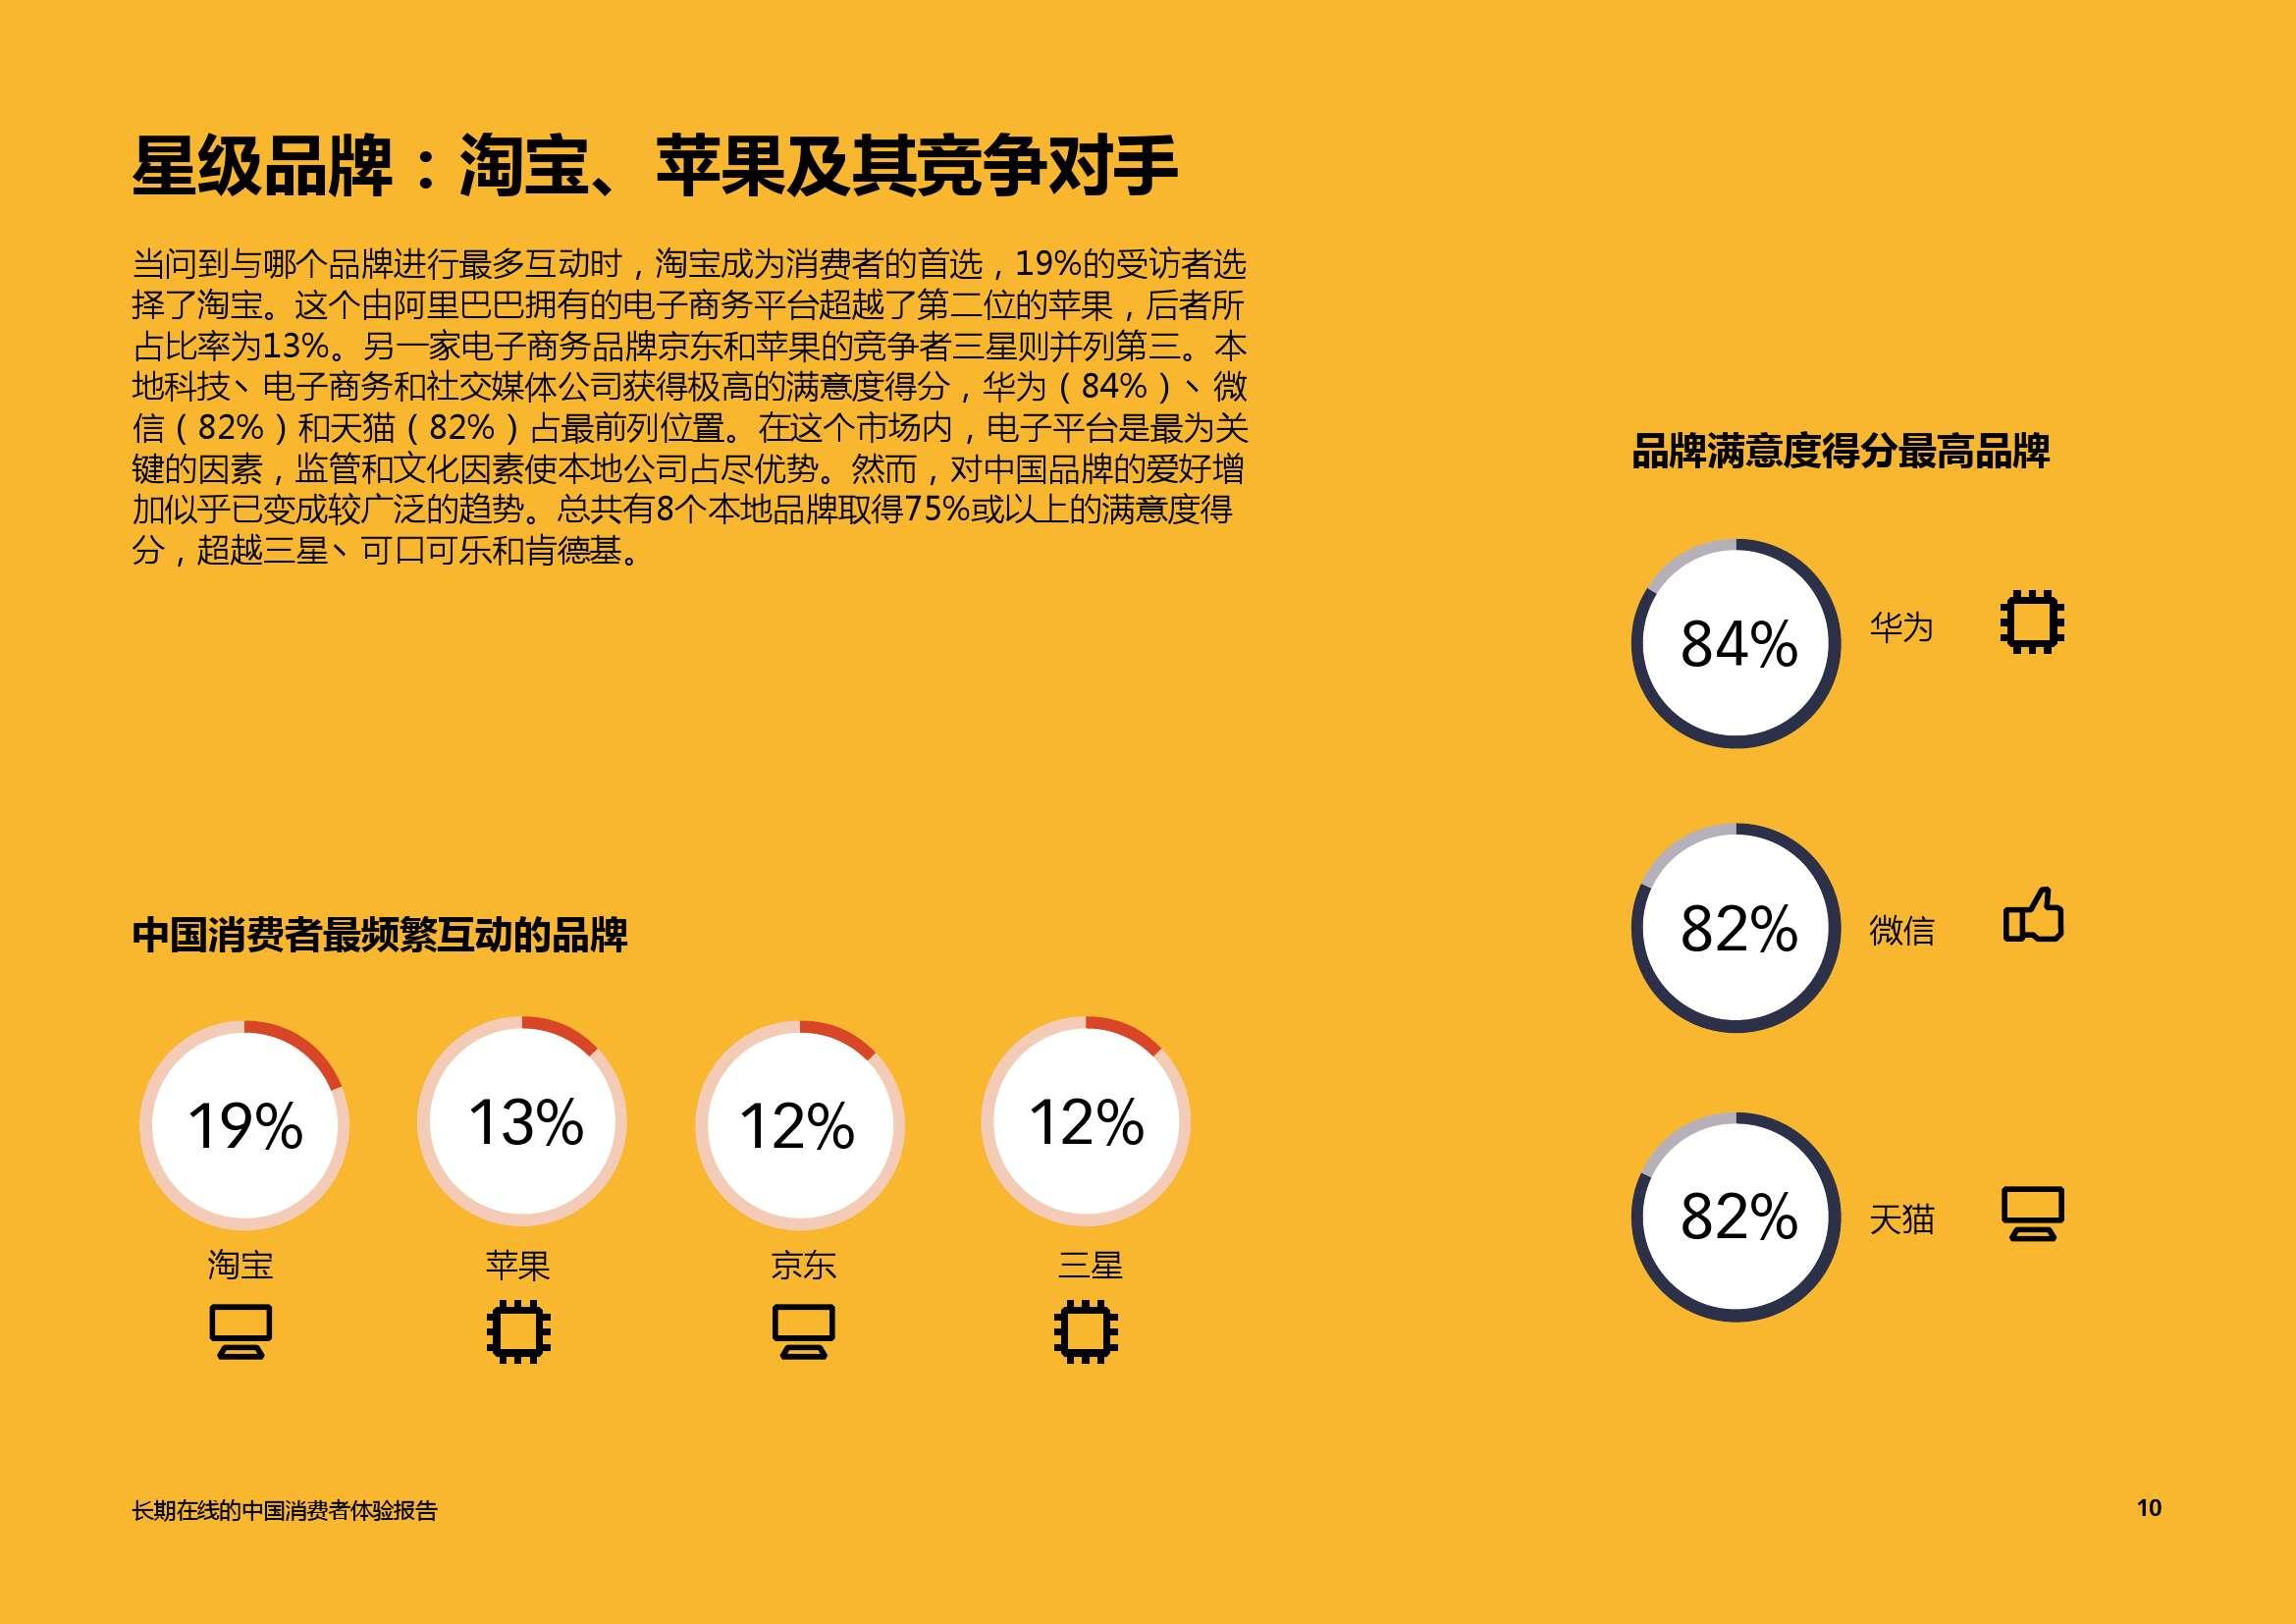 艾司隆 (Epsilon):2015中国消费者品牌体验报告_000010